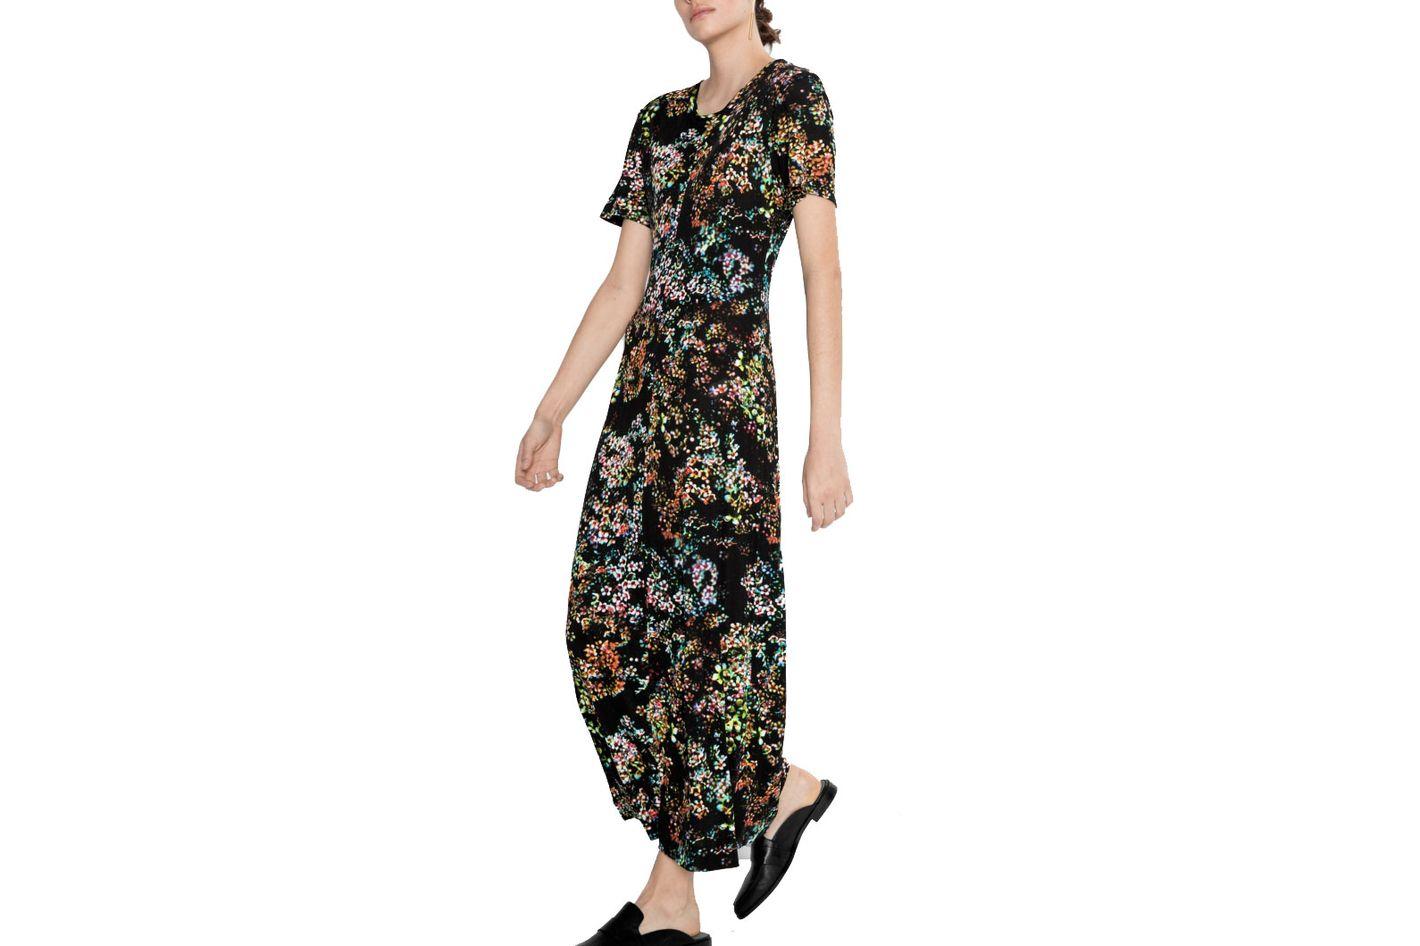 & Other Stories Petals Maxi Dress